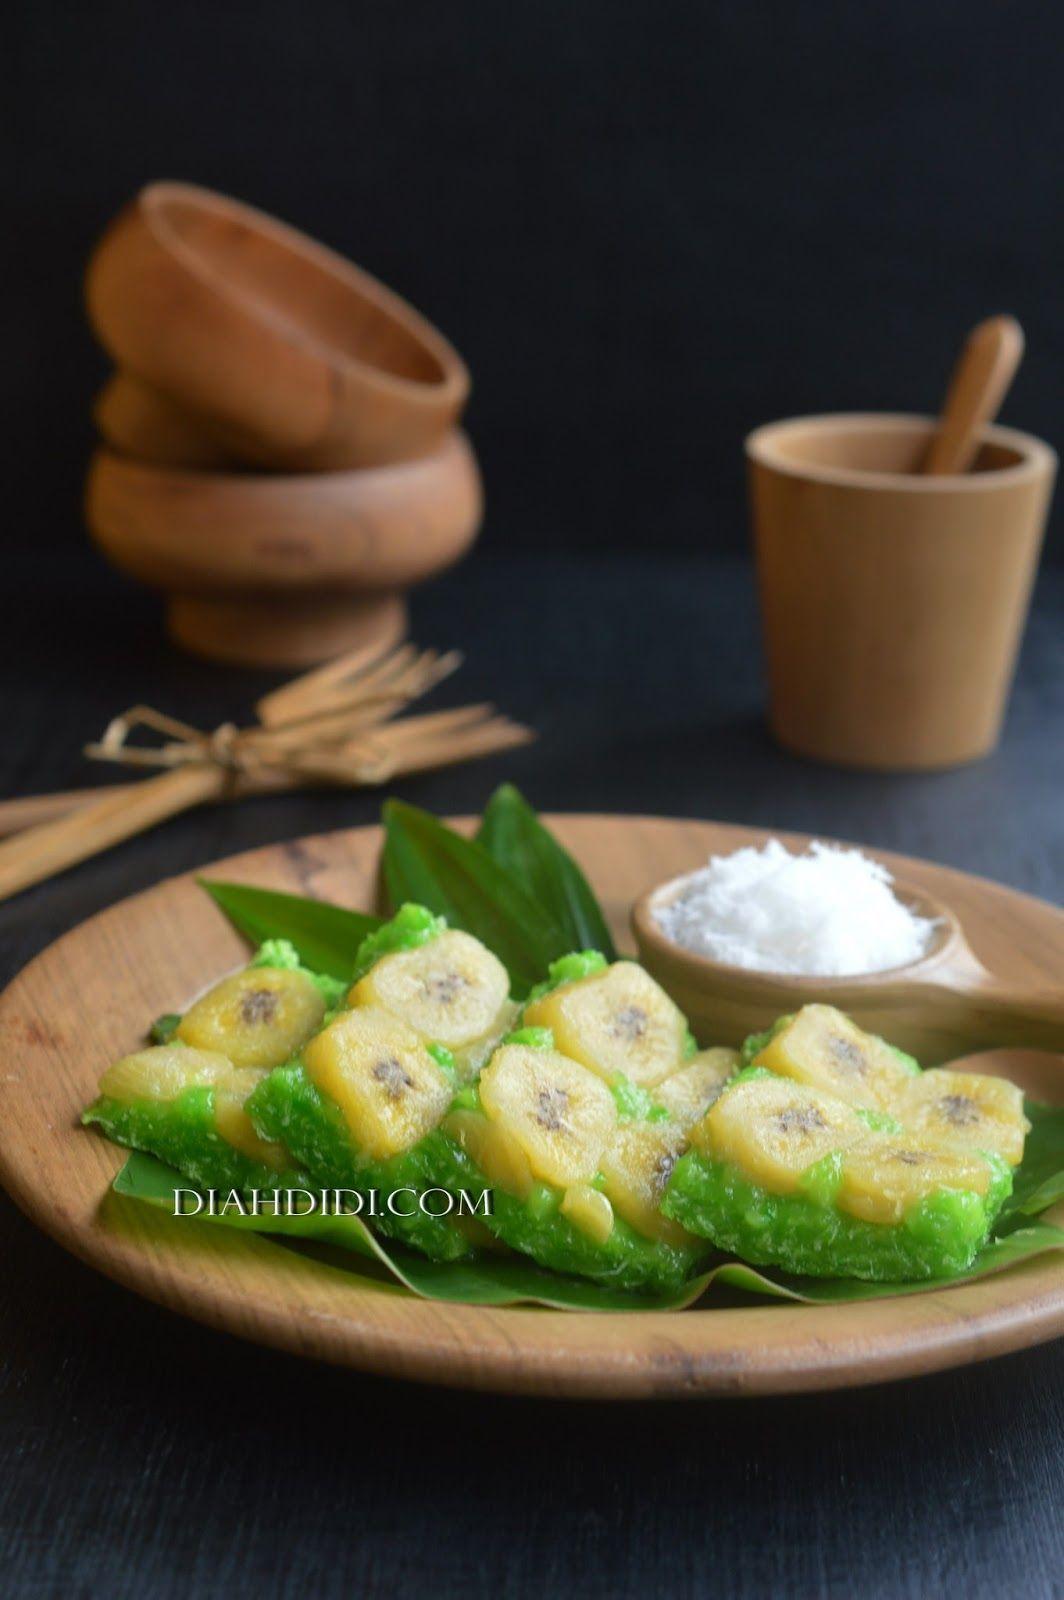 Blog Diah Didi Berisi Resep Masakan Praktis Yang Mudah Dipraktekkan Di Rumah Resep Masakan Makanan Dan Minuman Ide Makanan